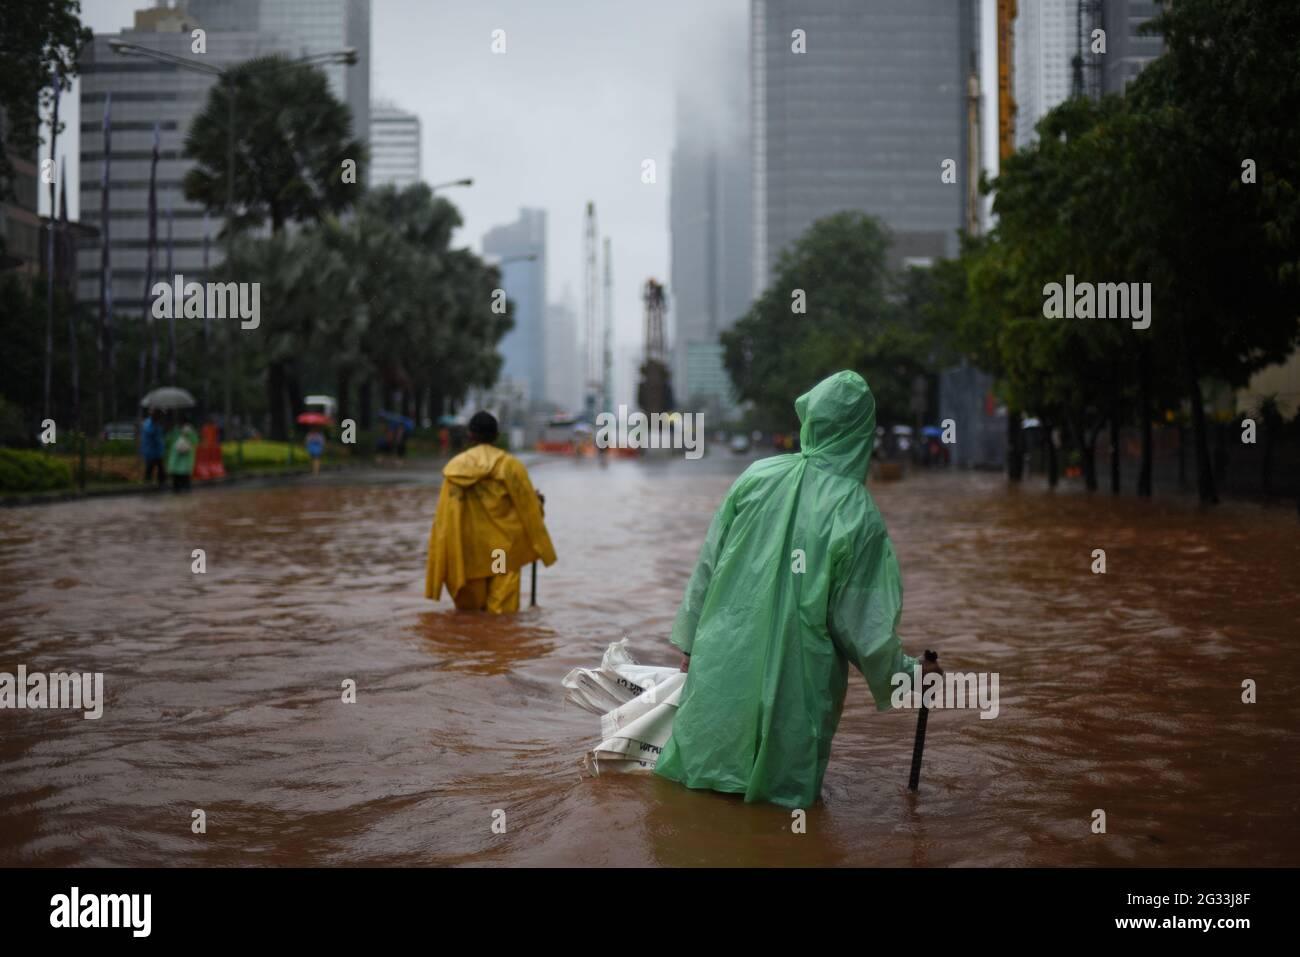 Jakarta, Indonésie. 9 février 2015. Les employés du bureau de planification de la ville tentent de déterminer si le système de drainage de la rue est obstrué, après une pluie continue a inondé Jakarta, sur la rue Thamrin qui s'étend à travers le coeur de la capitale indonésienne. Banque D'Images